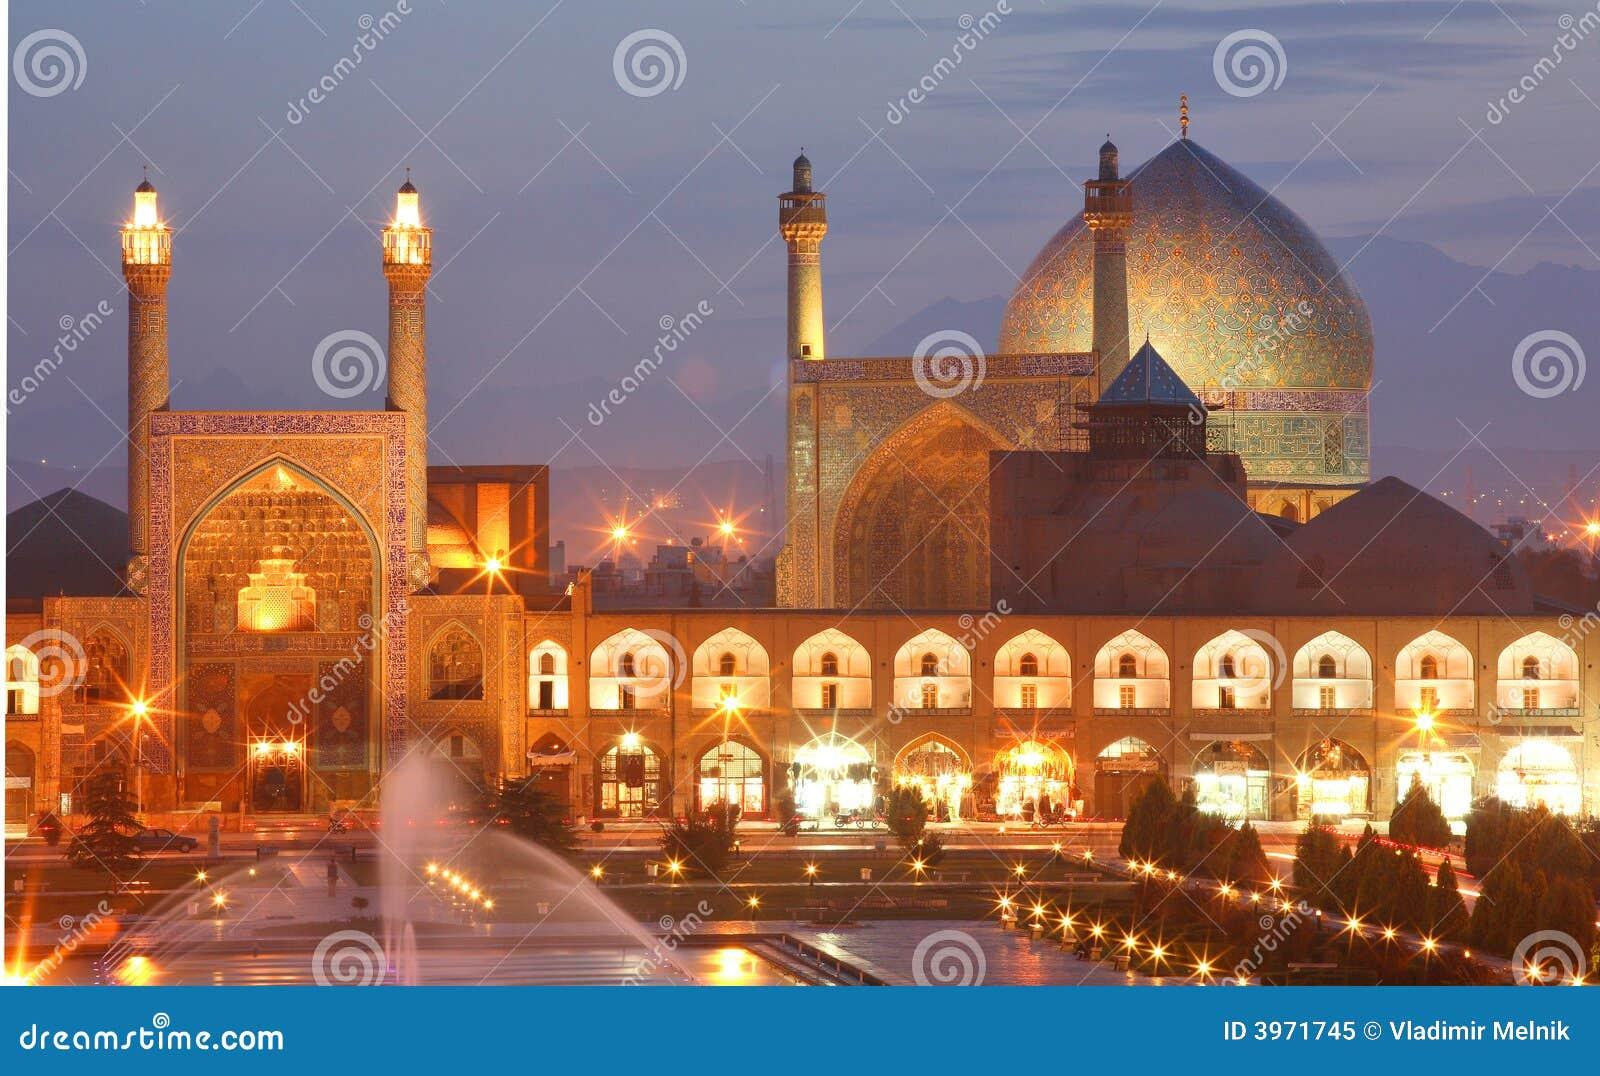 Esfahan伊朗晚上视图